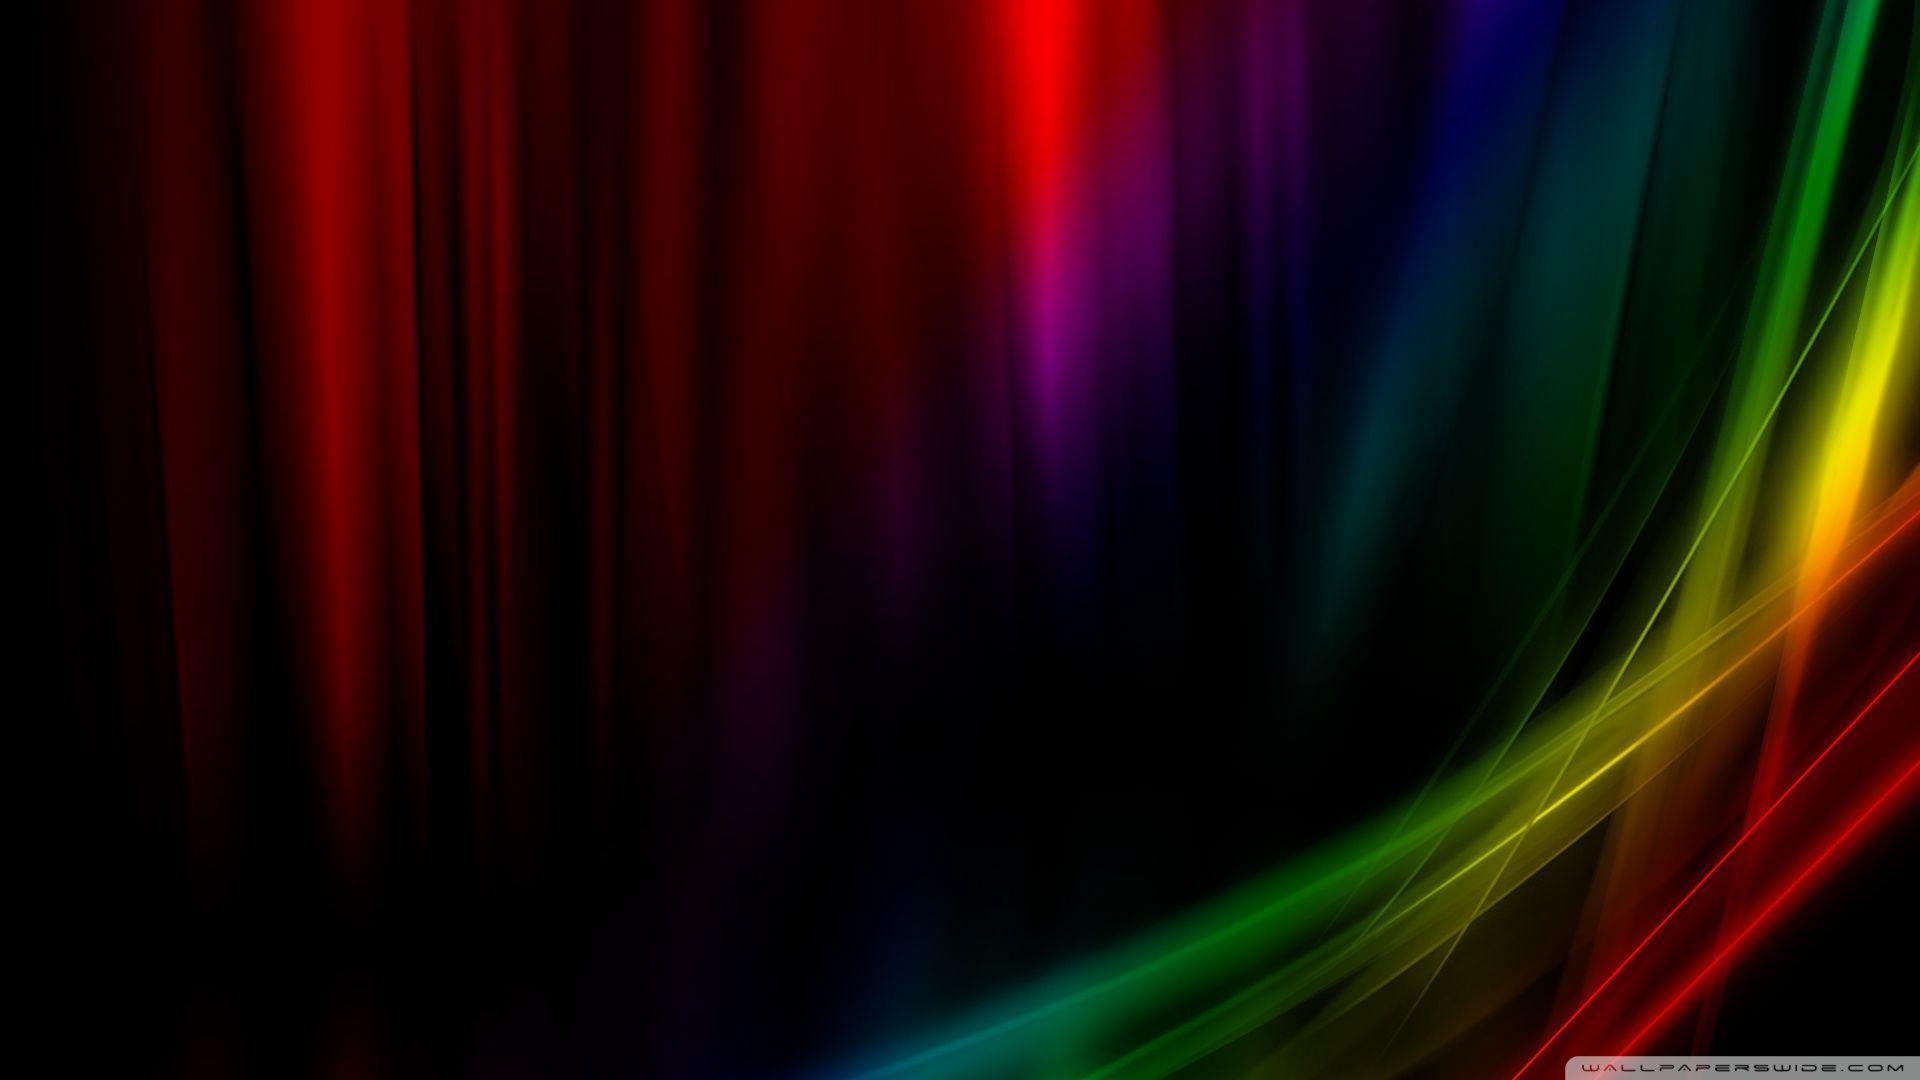 Rainbow Desktop Wallpapers Top Free Rainbow Desktop Backgrounds